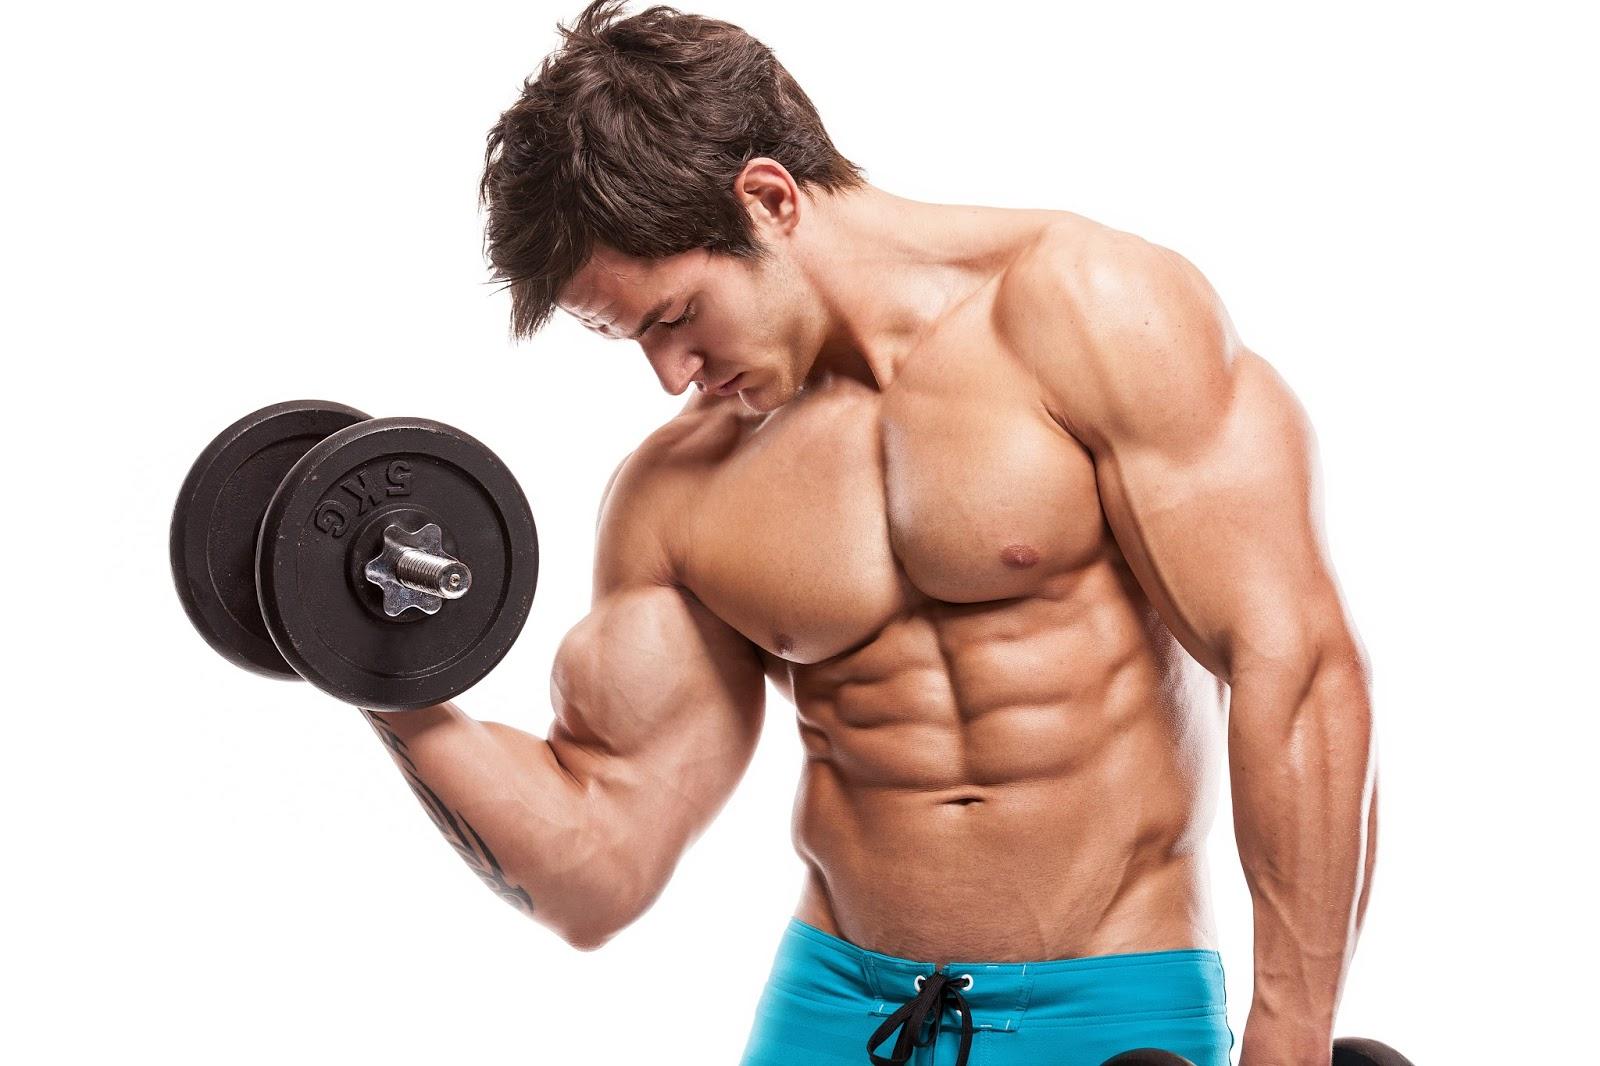 صور اجسام رياضية , اجمل الاجسام التي تمارس الرياضة